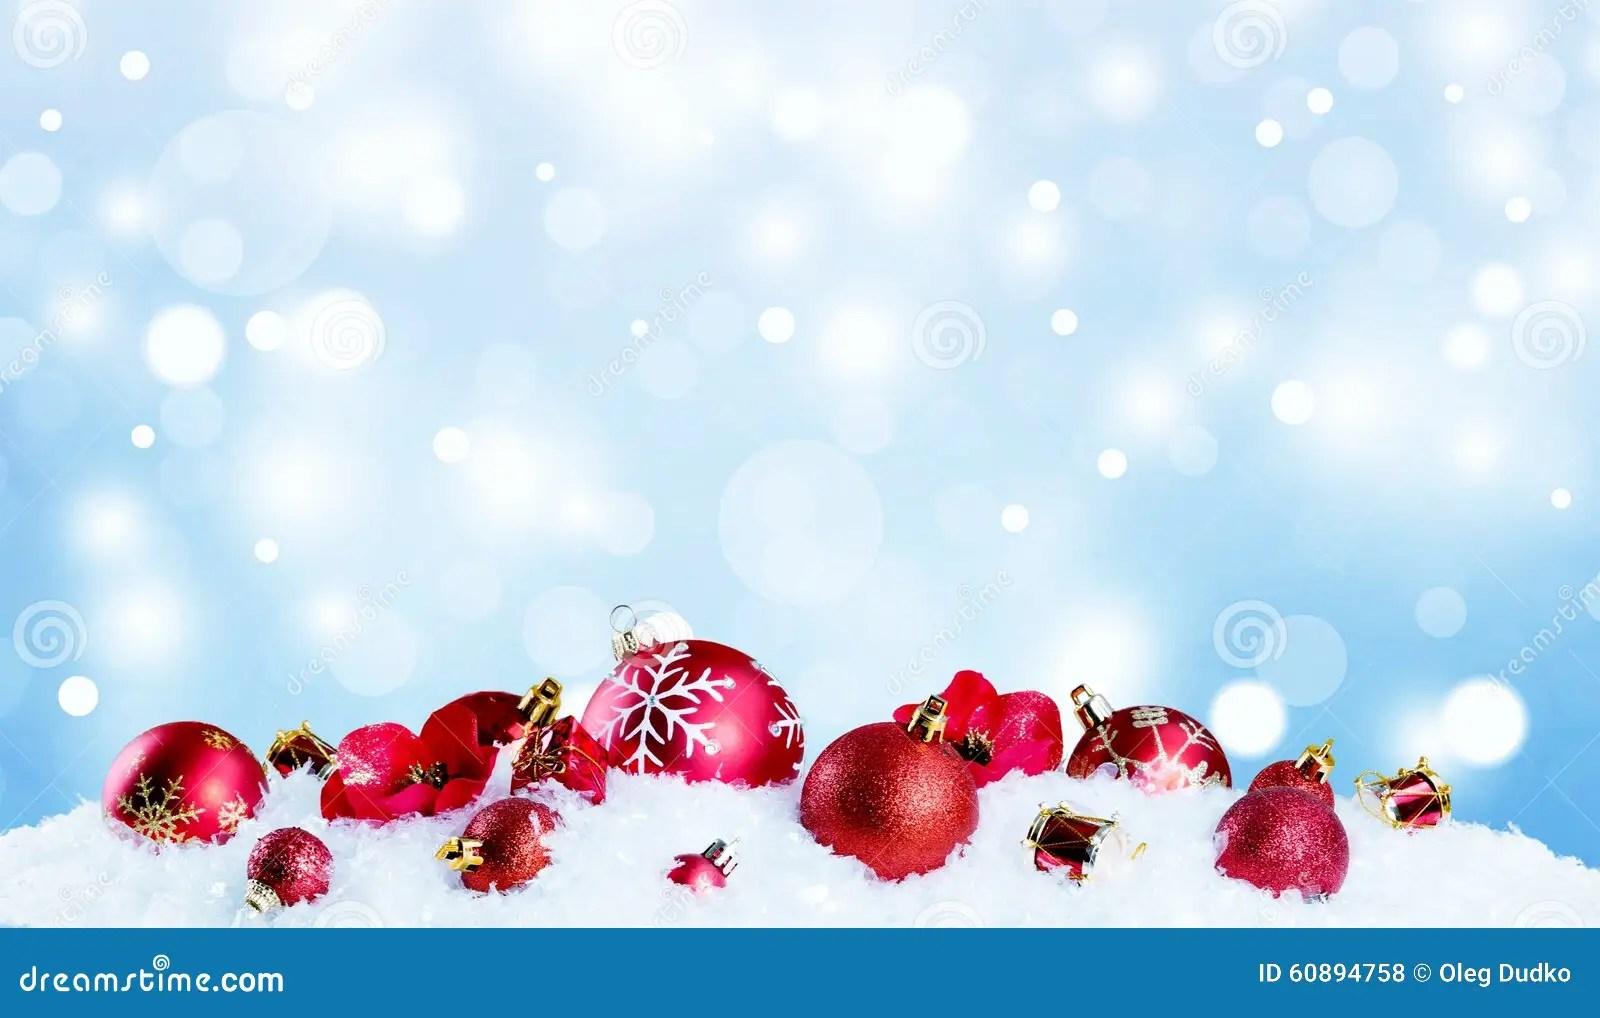 Xmas Background Stock Photo Image 60894758